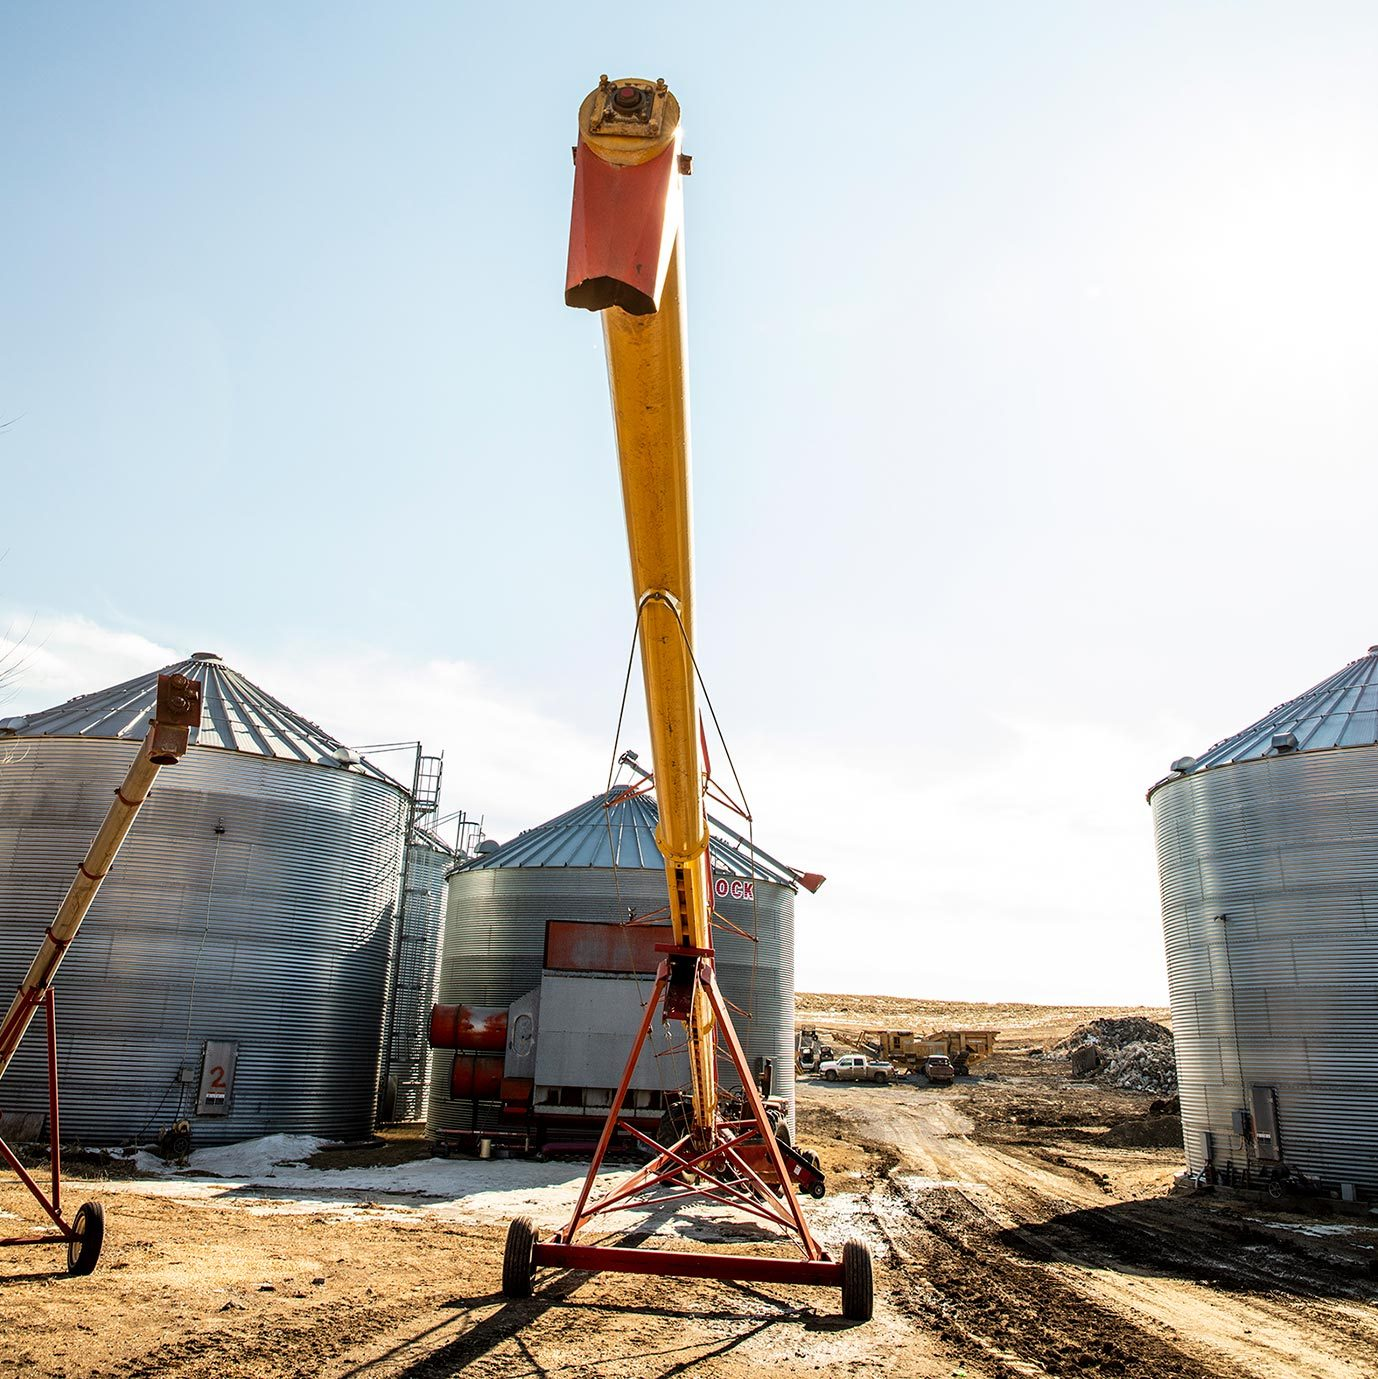 corn chute used to move dry corn into a silo